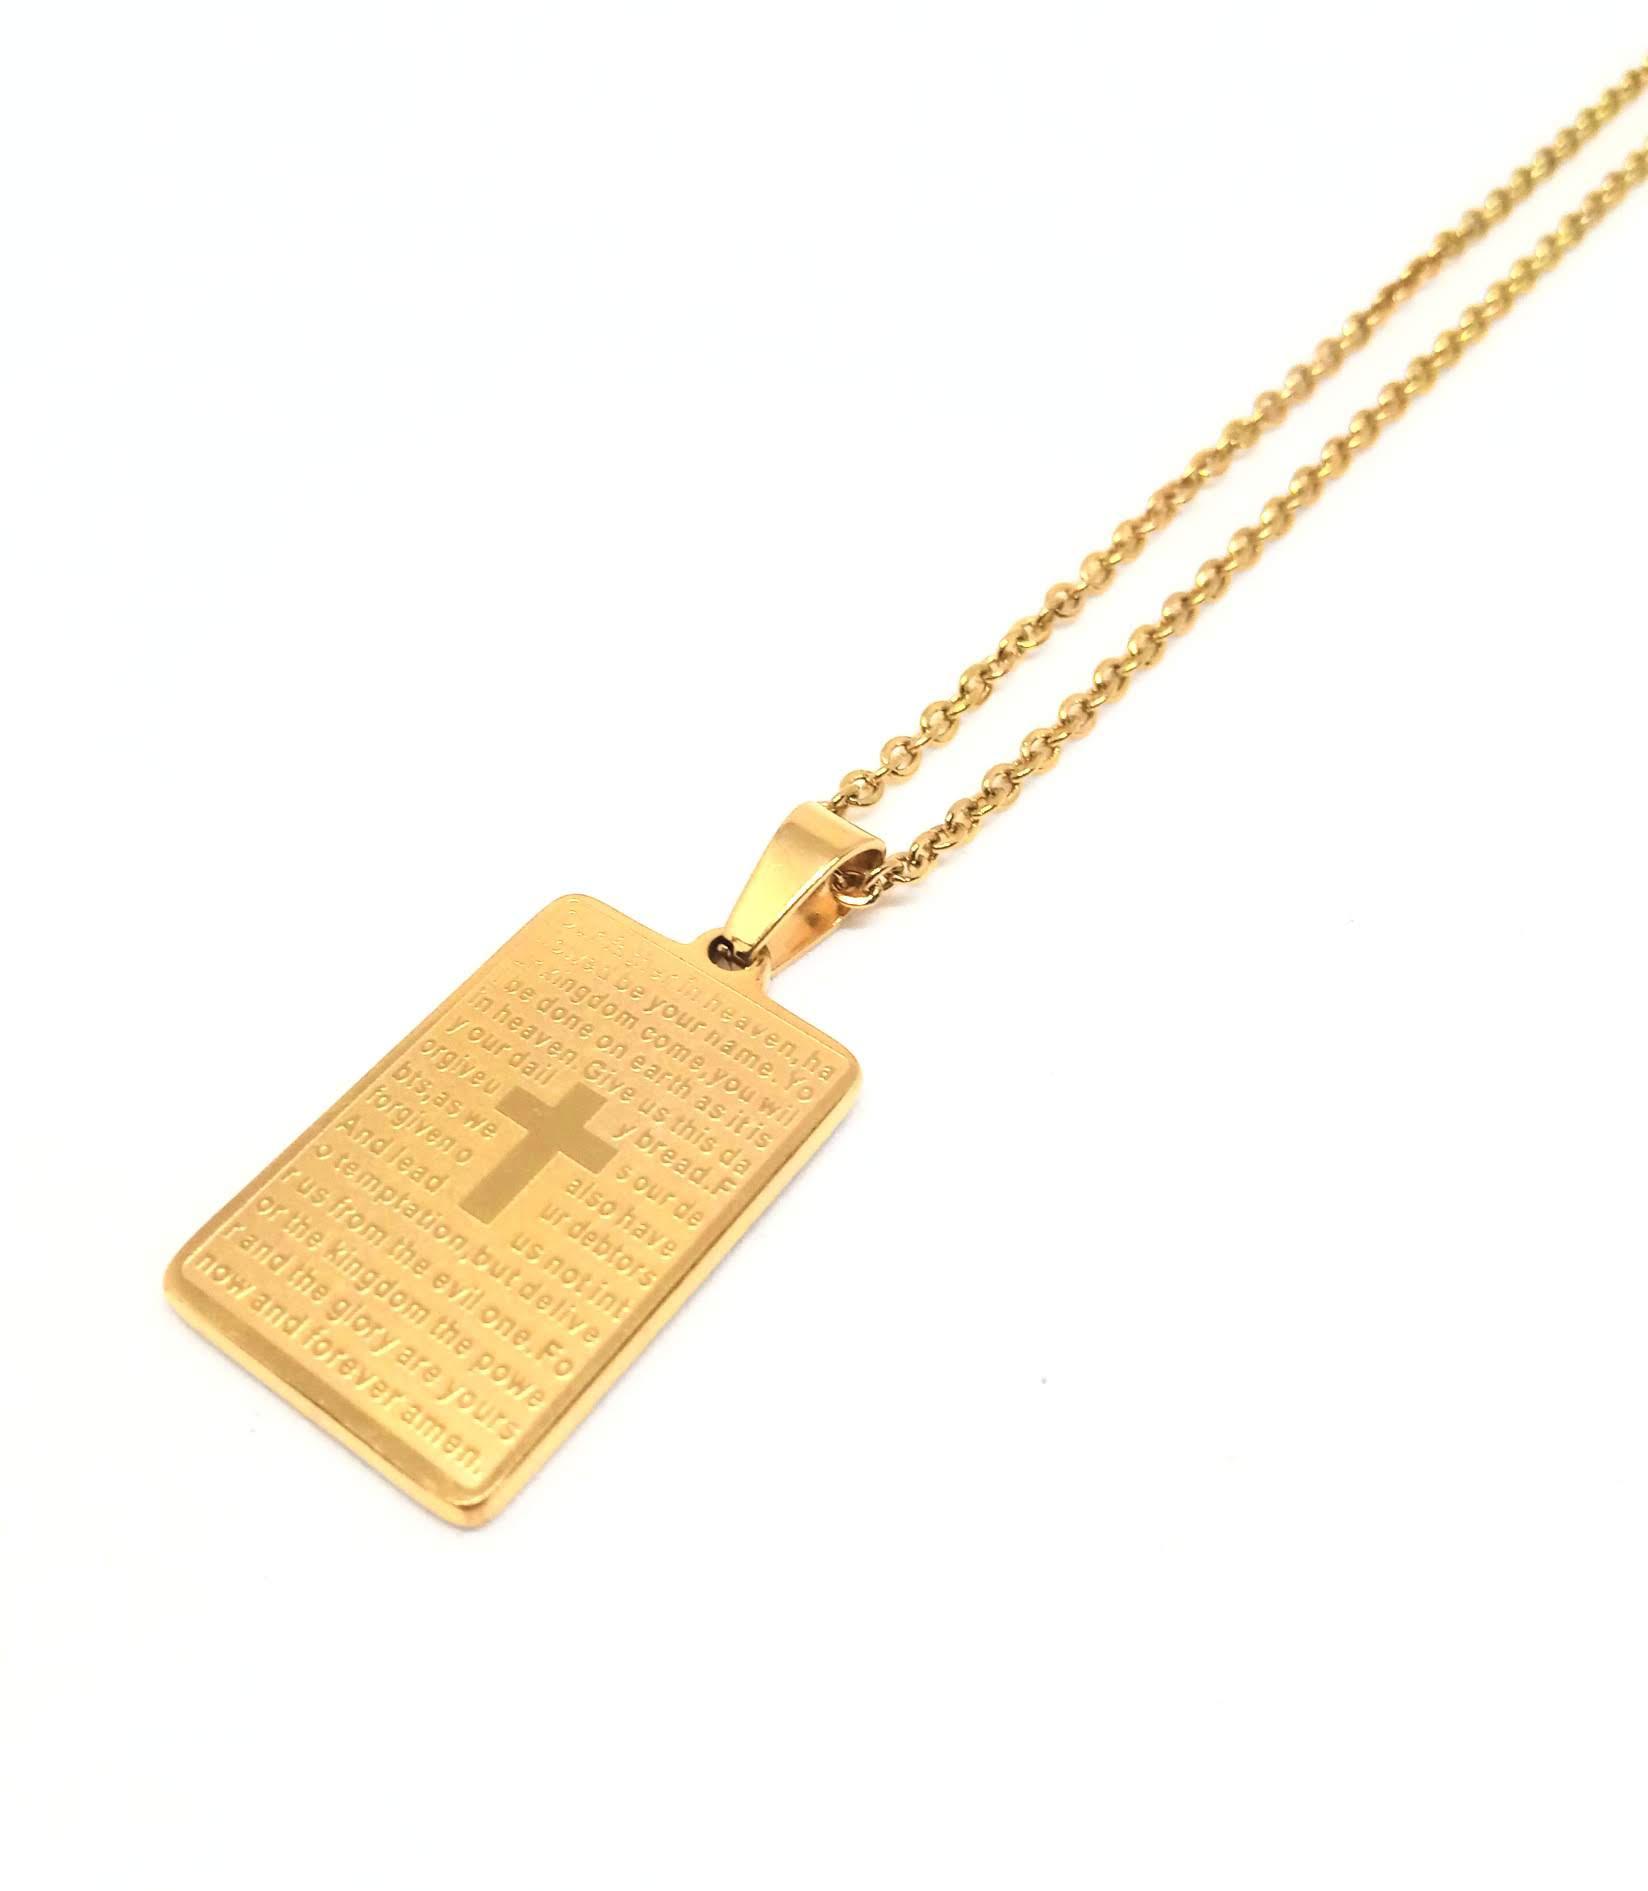 Colar Corrente Feminino Banhado ouro 18k Placa Pai Nosso